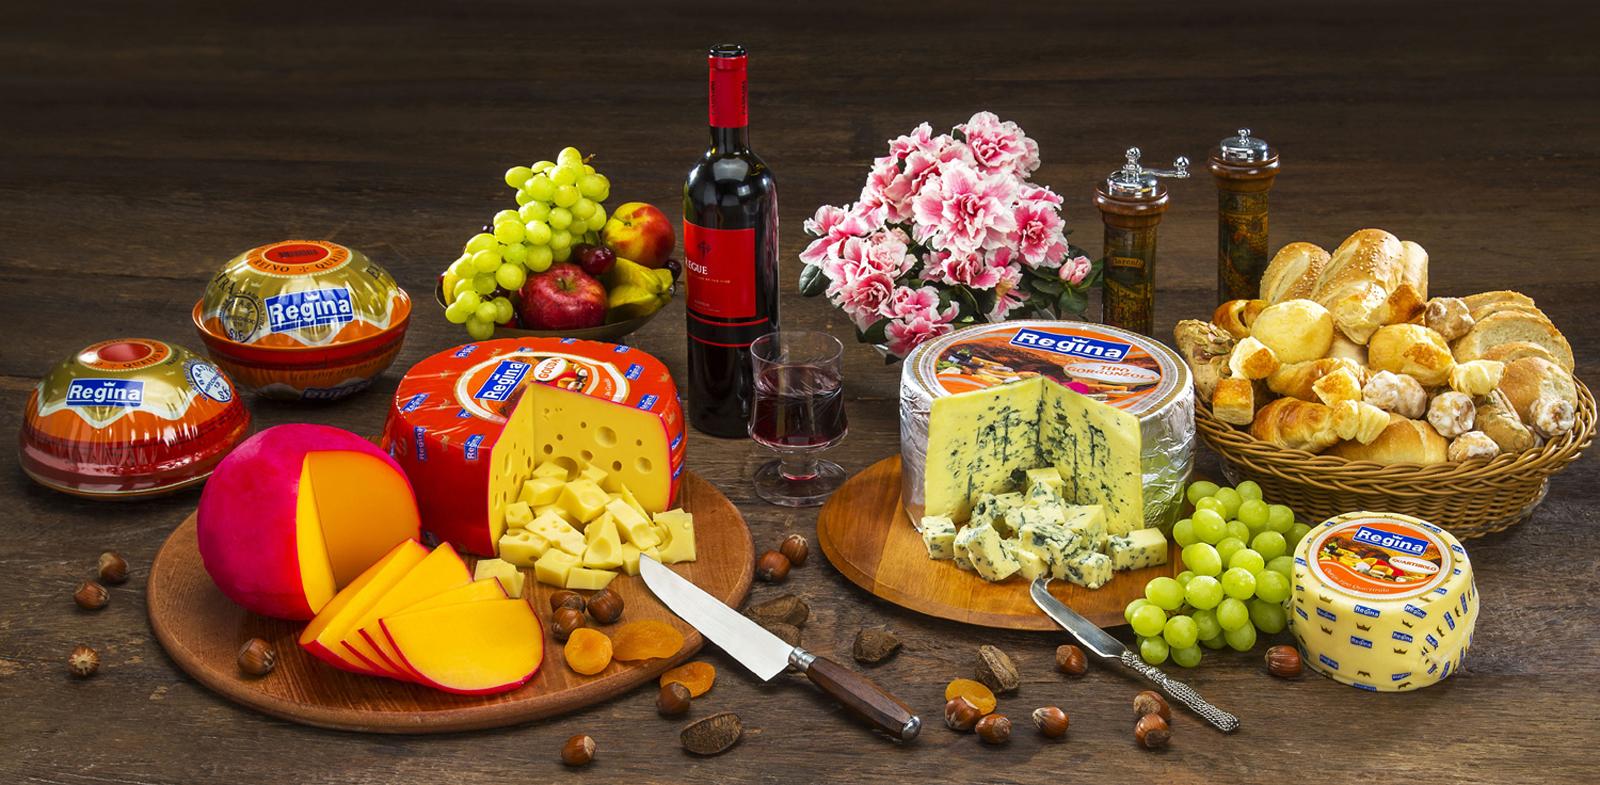 Mesa de queijos, com decoração em flores, vinho e taça.